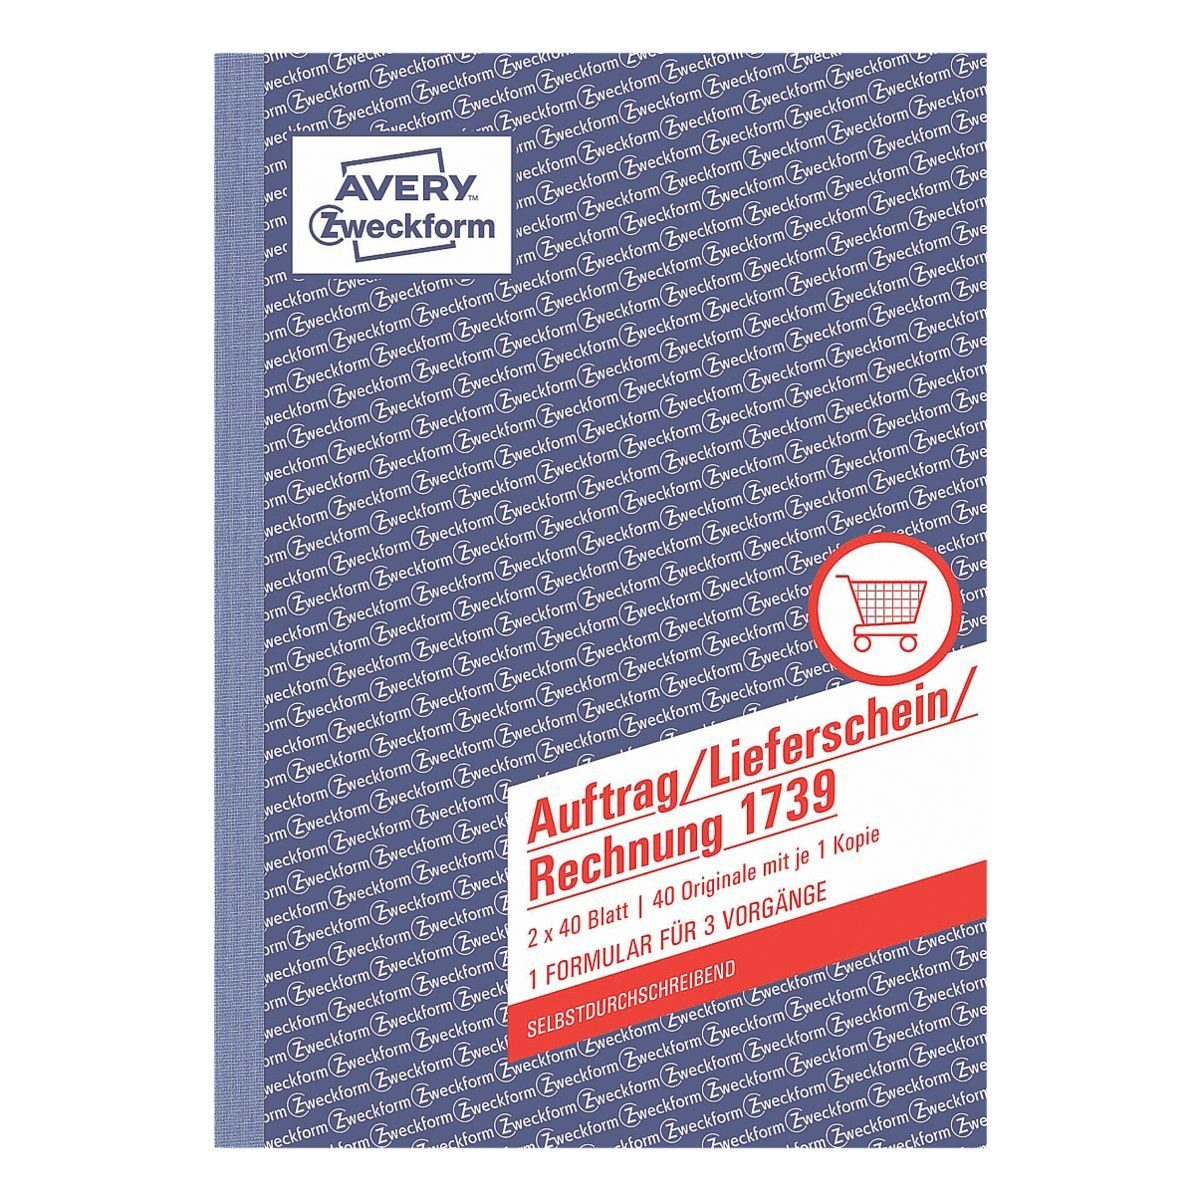 Avery Zweckform Formularbuch »Auftrag/Lieferschein/Rechnung«